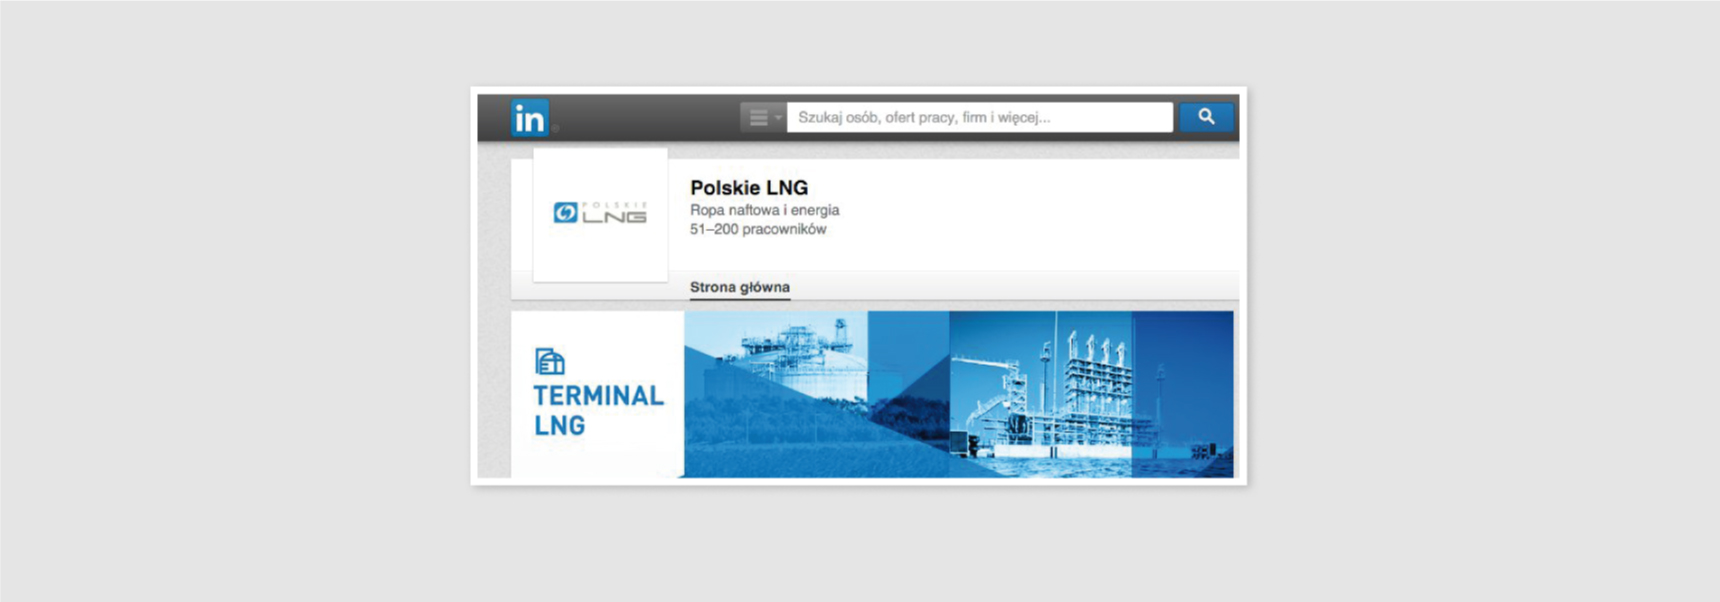 Polskie LNG - Najnowocześniejsza i najważniejsza inwestycja w Polsce